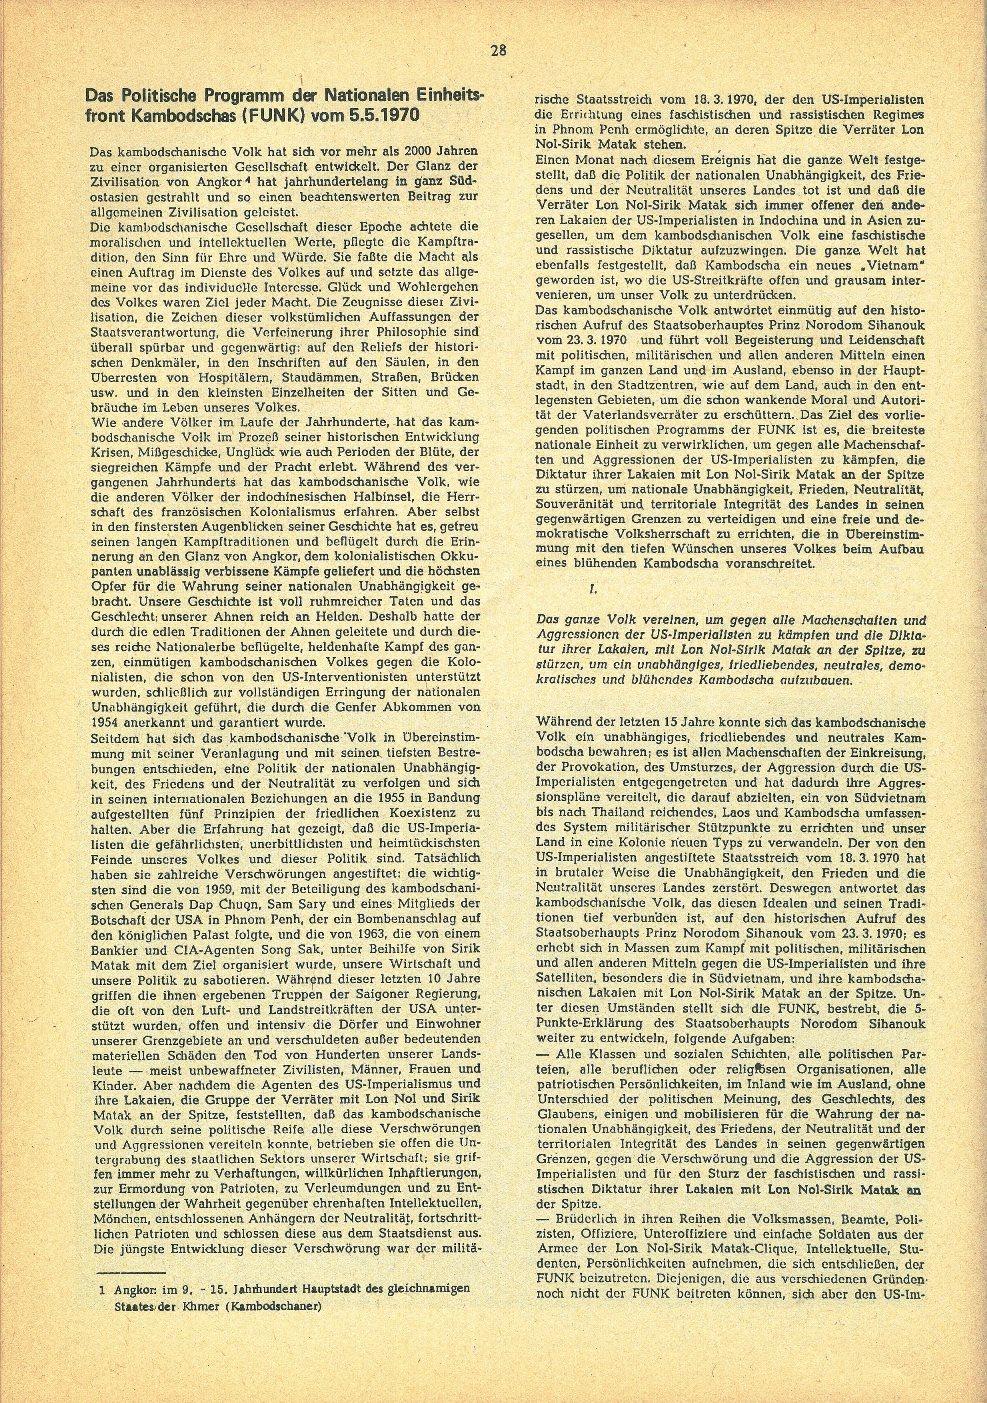 Kambodscha_1974_Das_Volk_besiegt_den_Imperialismus029